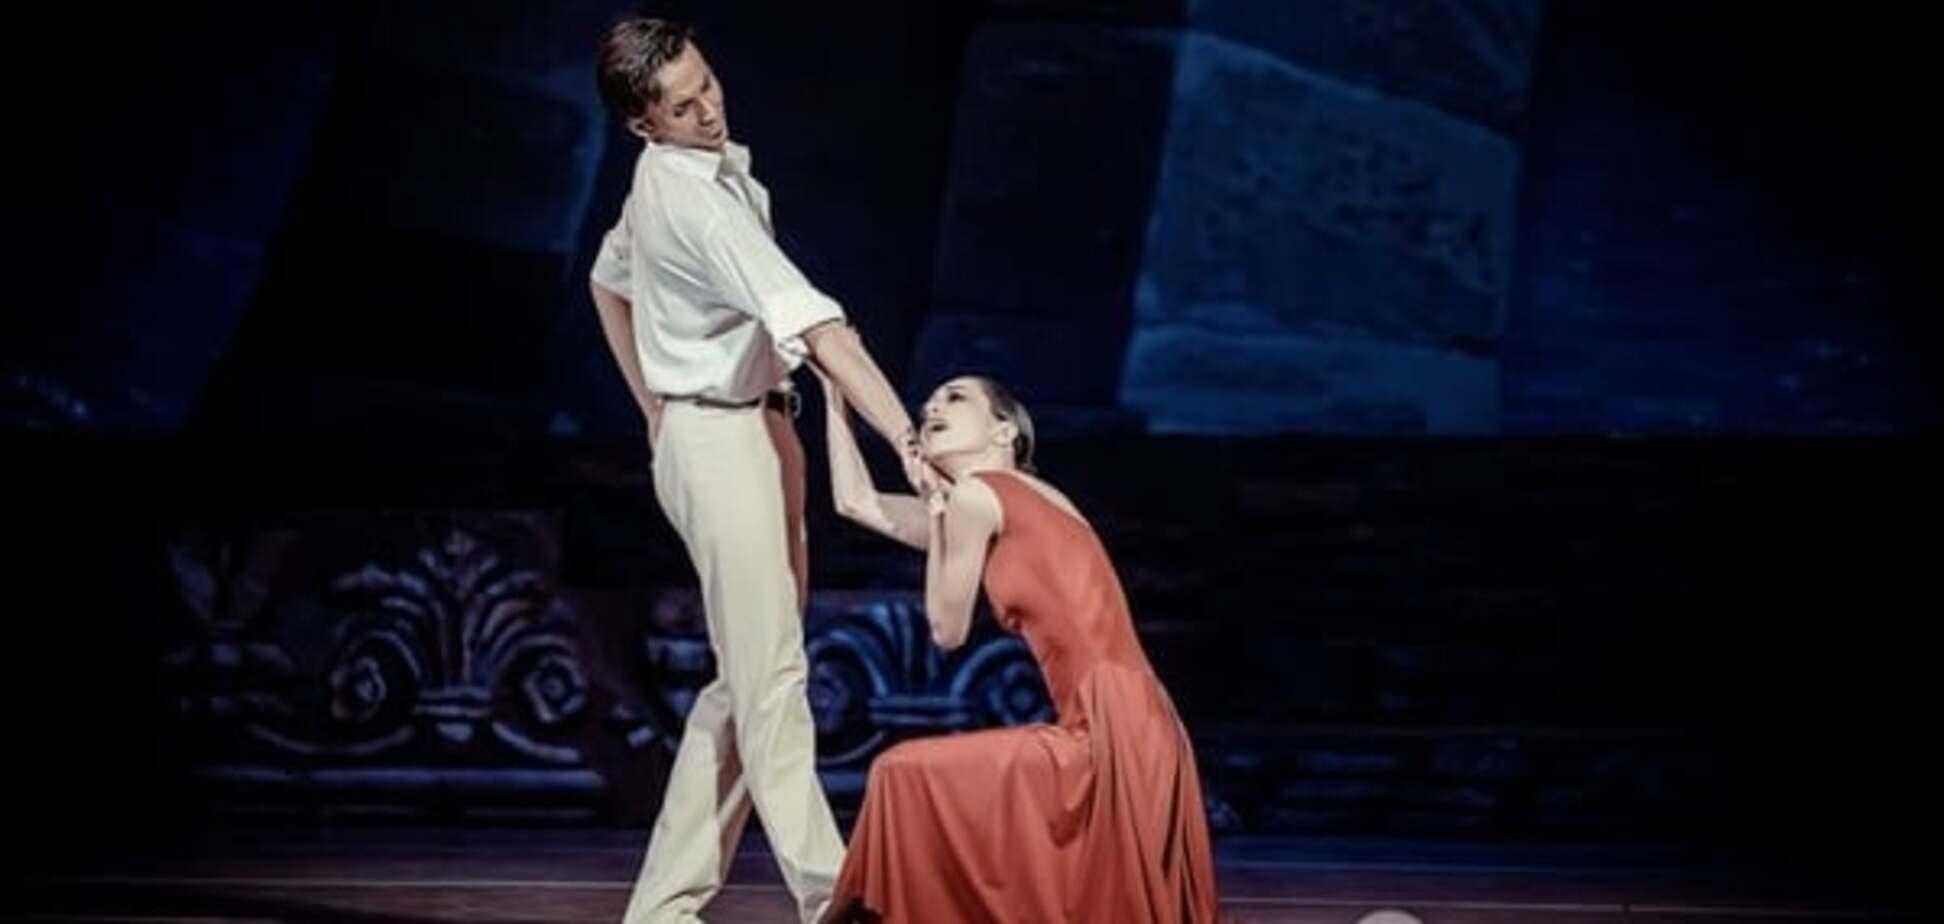 Жена Яценюка, Захарова и Дикусар пришли посмотреть на мировых звезд балета в Киеве